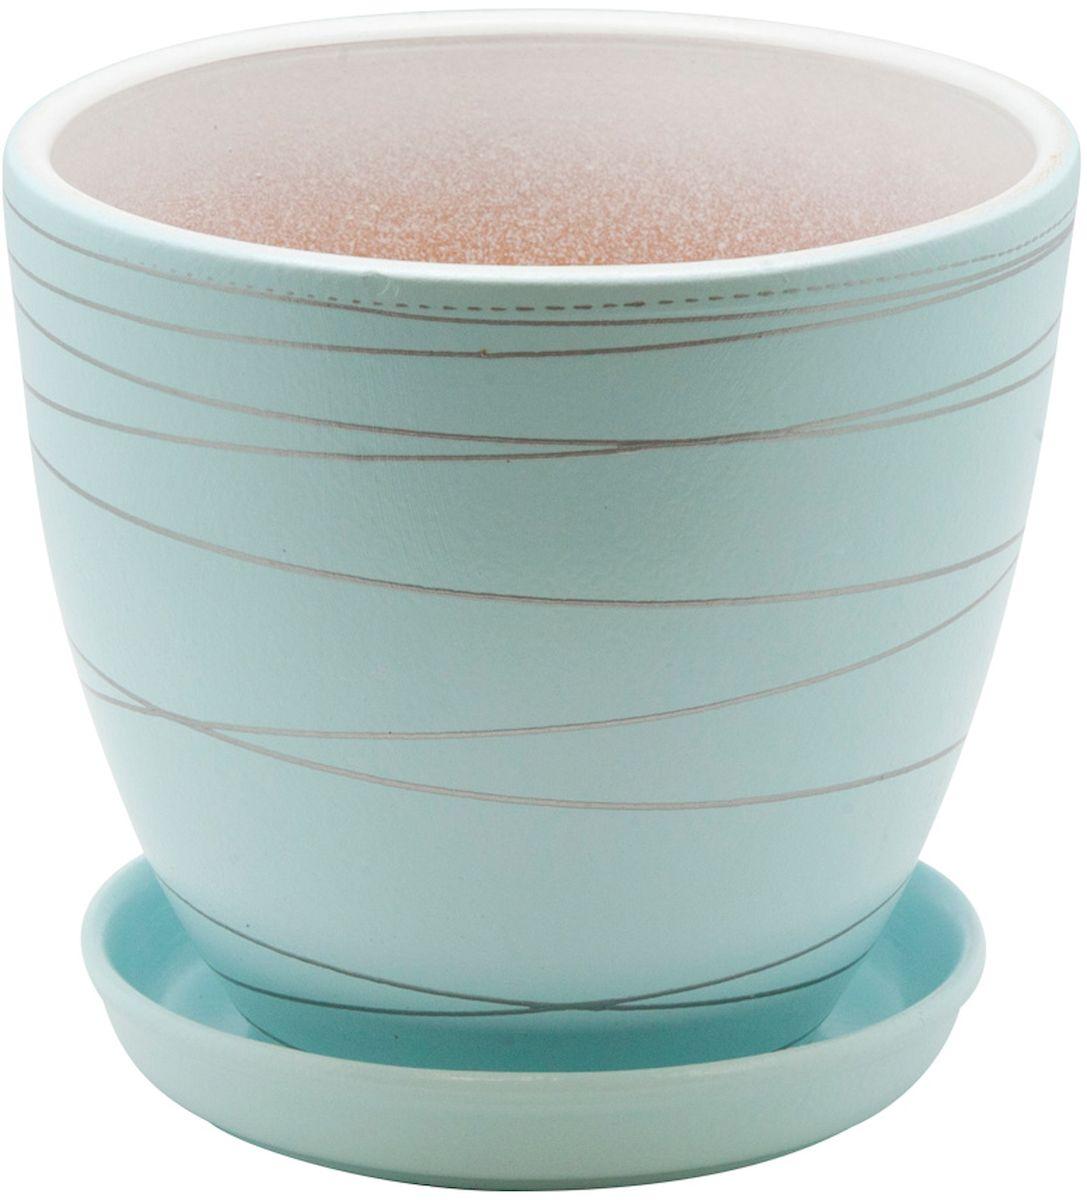 Горшок цветочный Engard, с поддоном, цвет: голубой, 1,05 лBH-24-4Керамический горшок Engard - это идеальное решение для выращивания комнатных растений и создания изысканности в интерьере. Керамический горшок сделан из высококачественной глины в классической форме и оригинальном дизайне.Объем: 1,05 л.